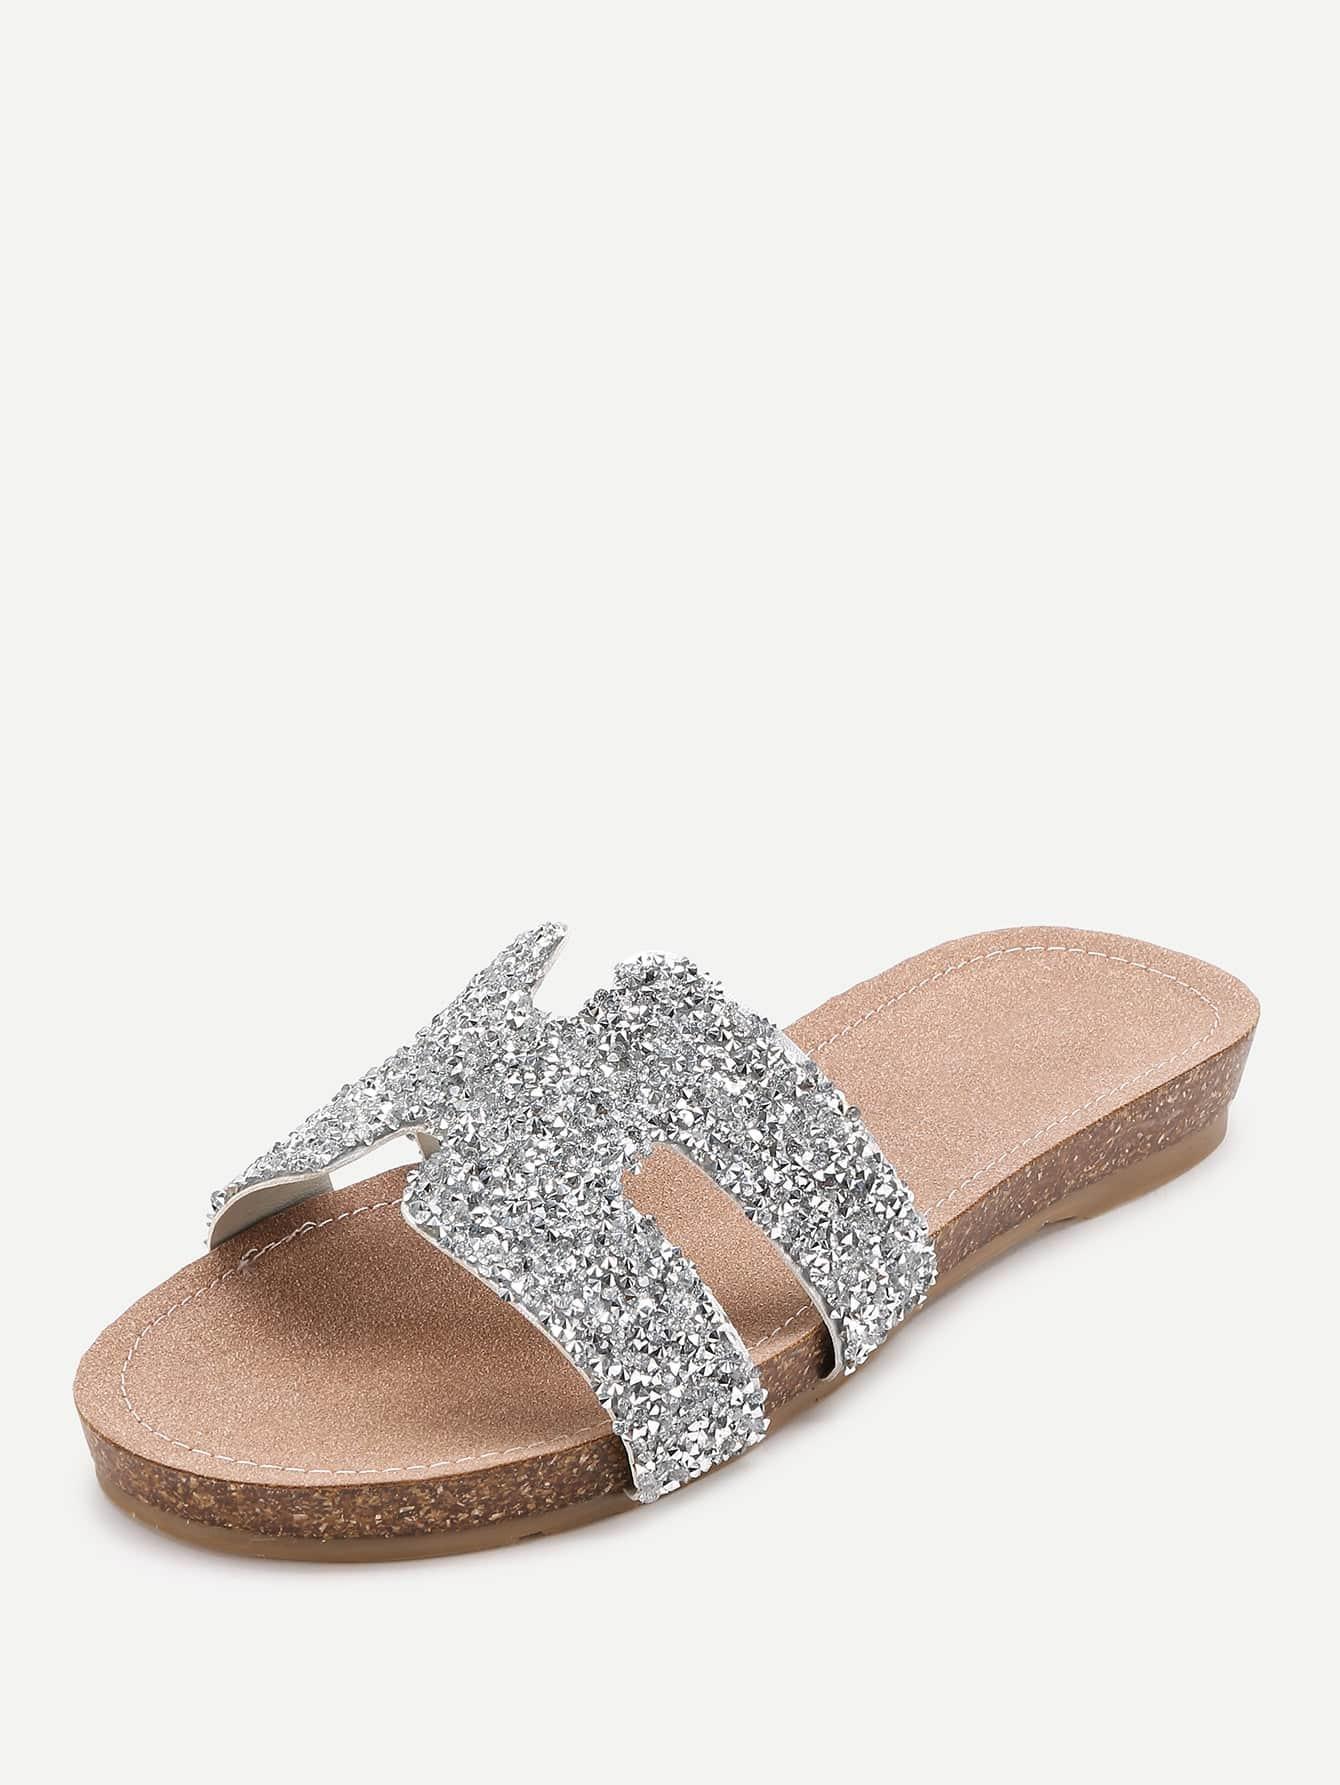 shoes170505810_2